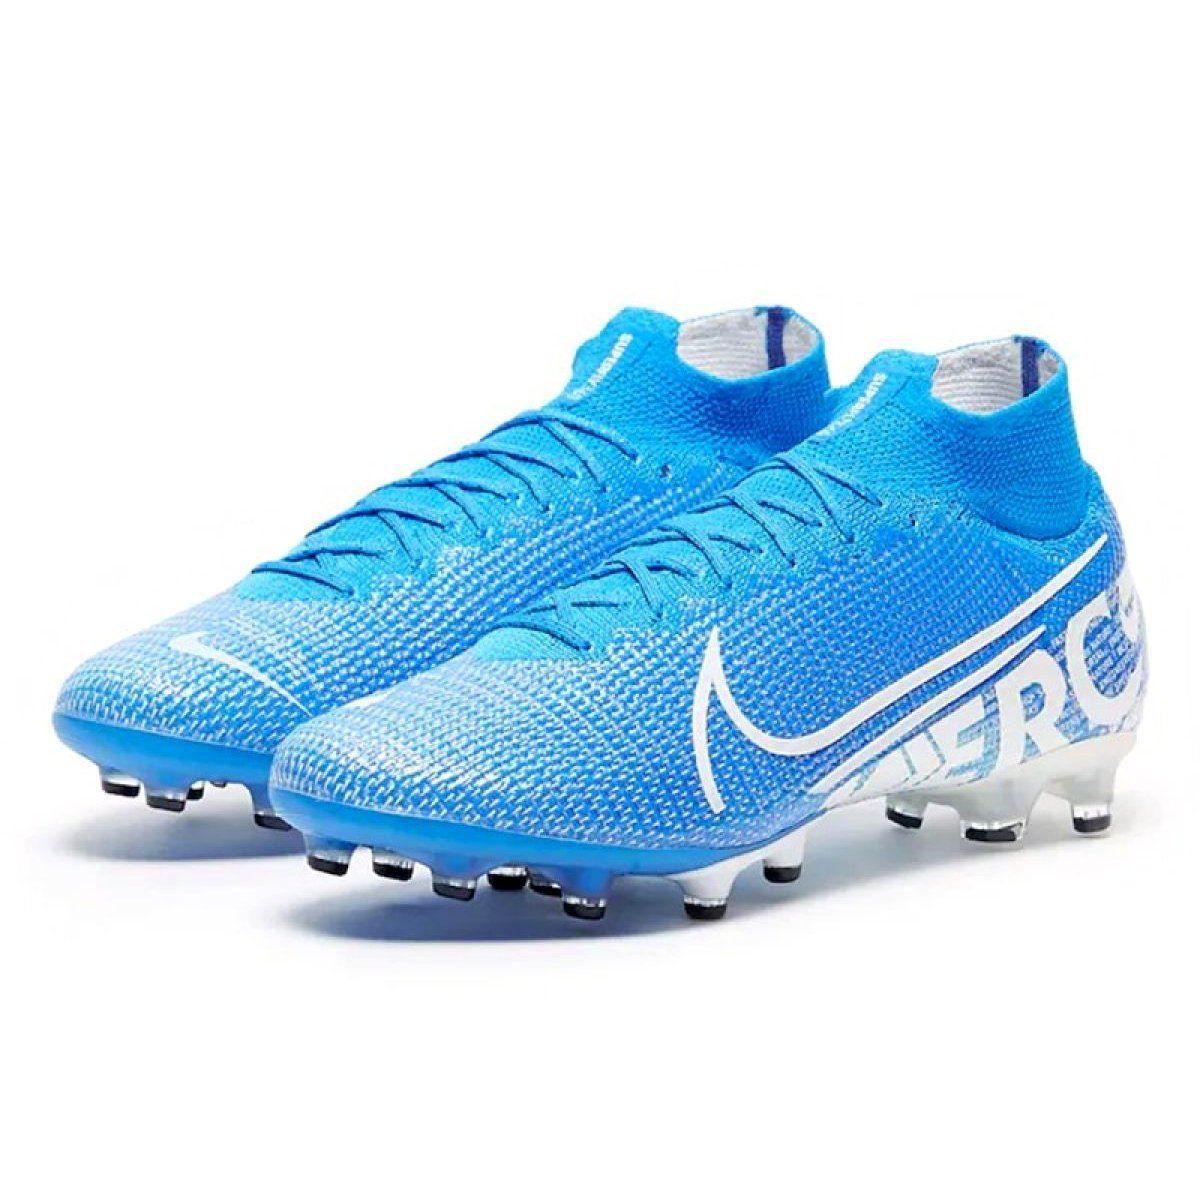 Buty Nike Mercurial Superfly 7 Elite Ag Pro M At7892 414 Niebiesko Biale Niebieskie Wielokolorowe Superfly Blue Shoes Nike